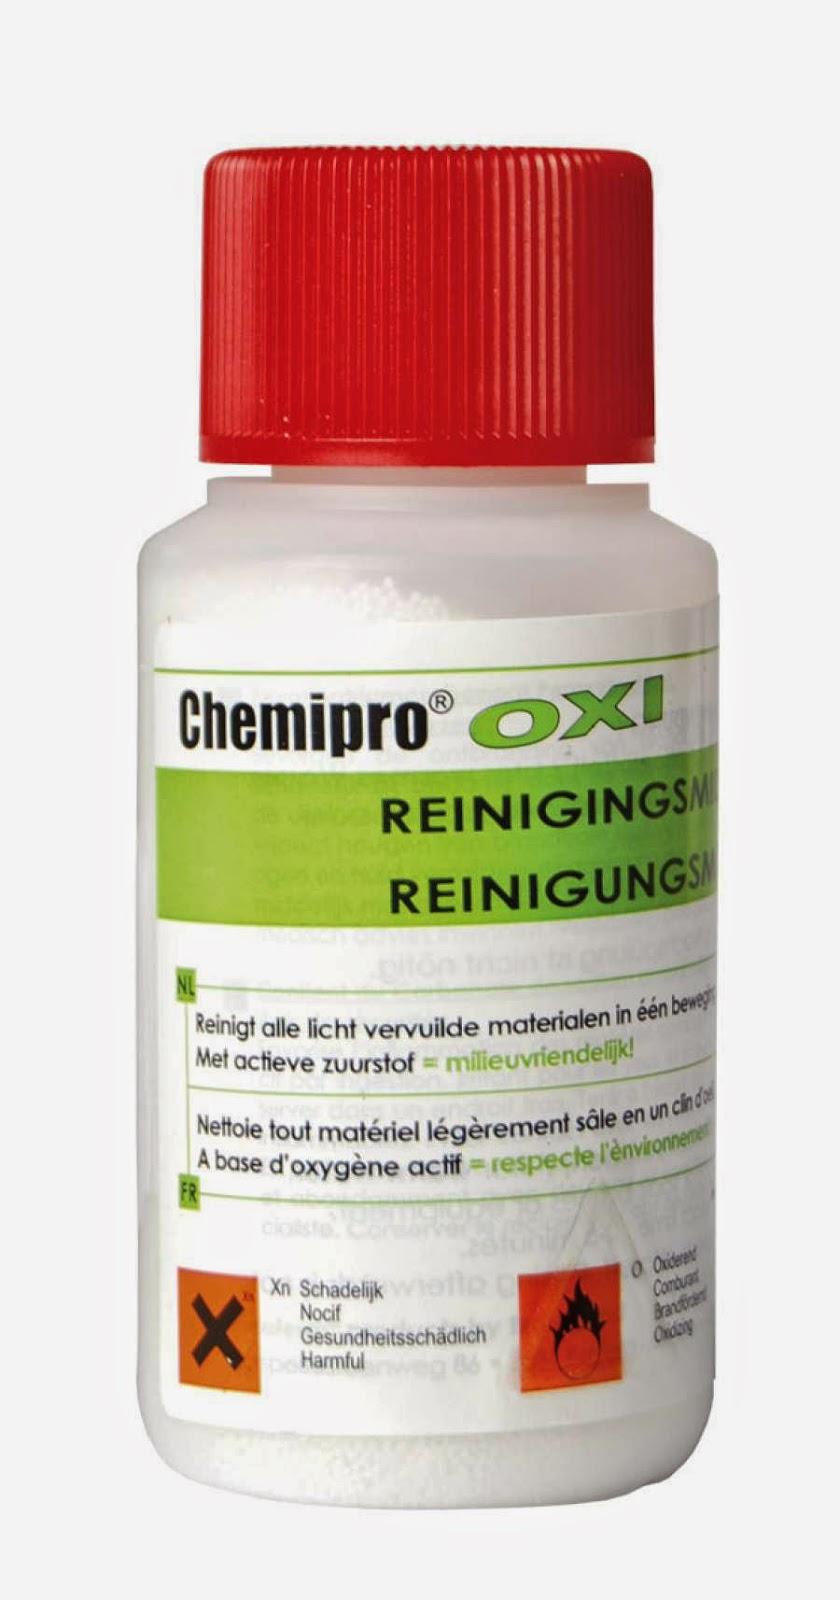 Chemi pro OXI